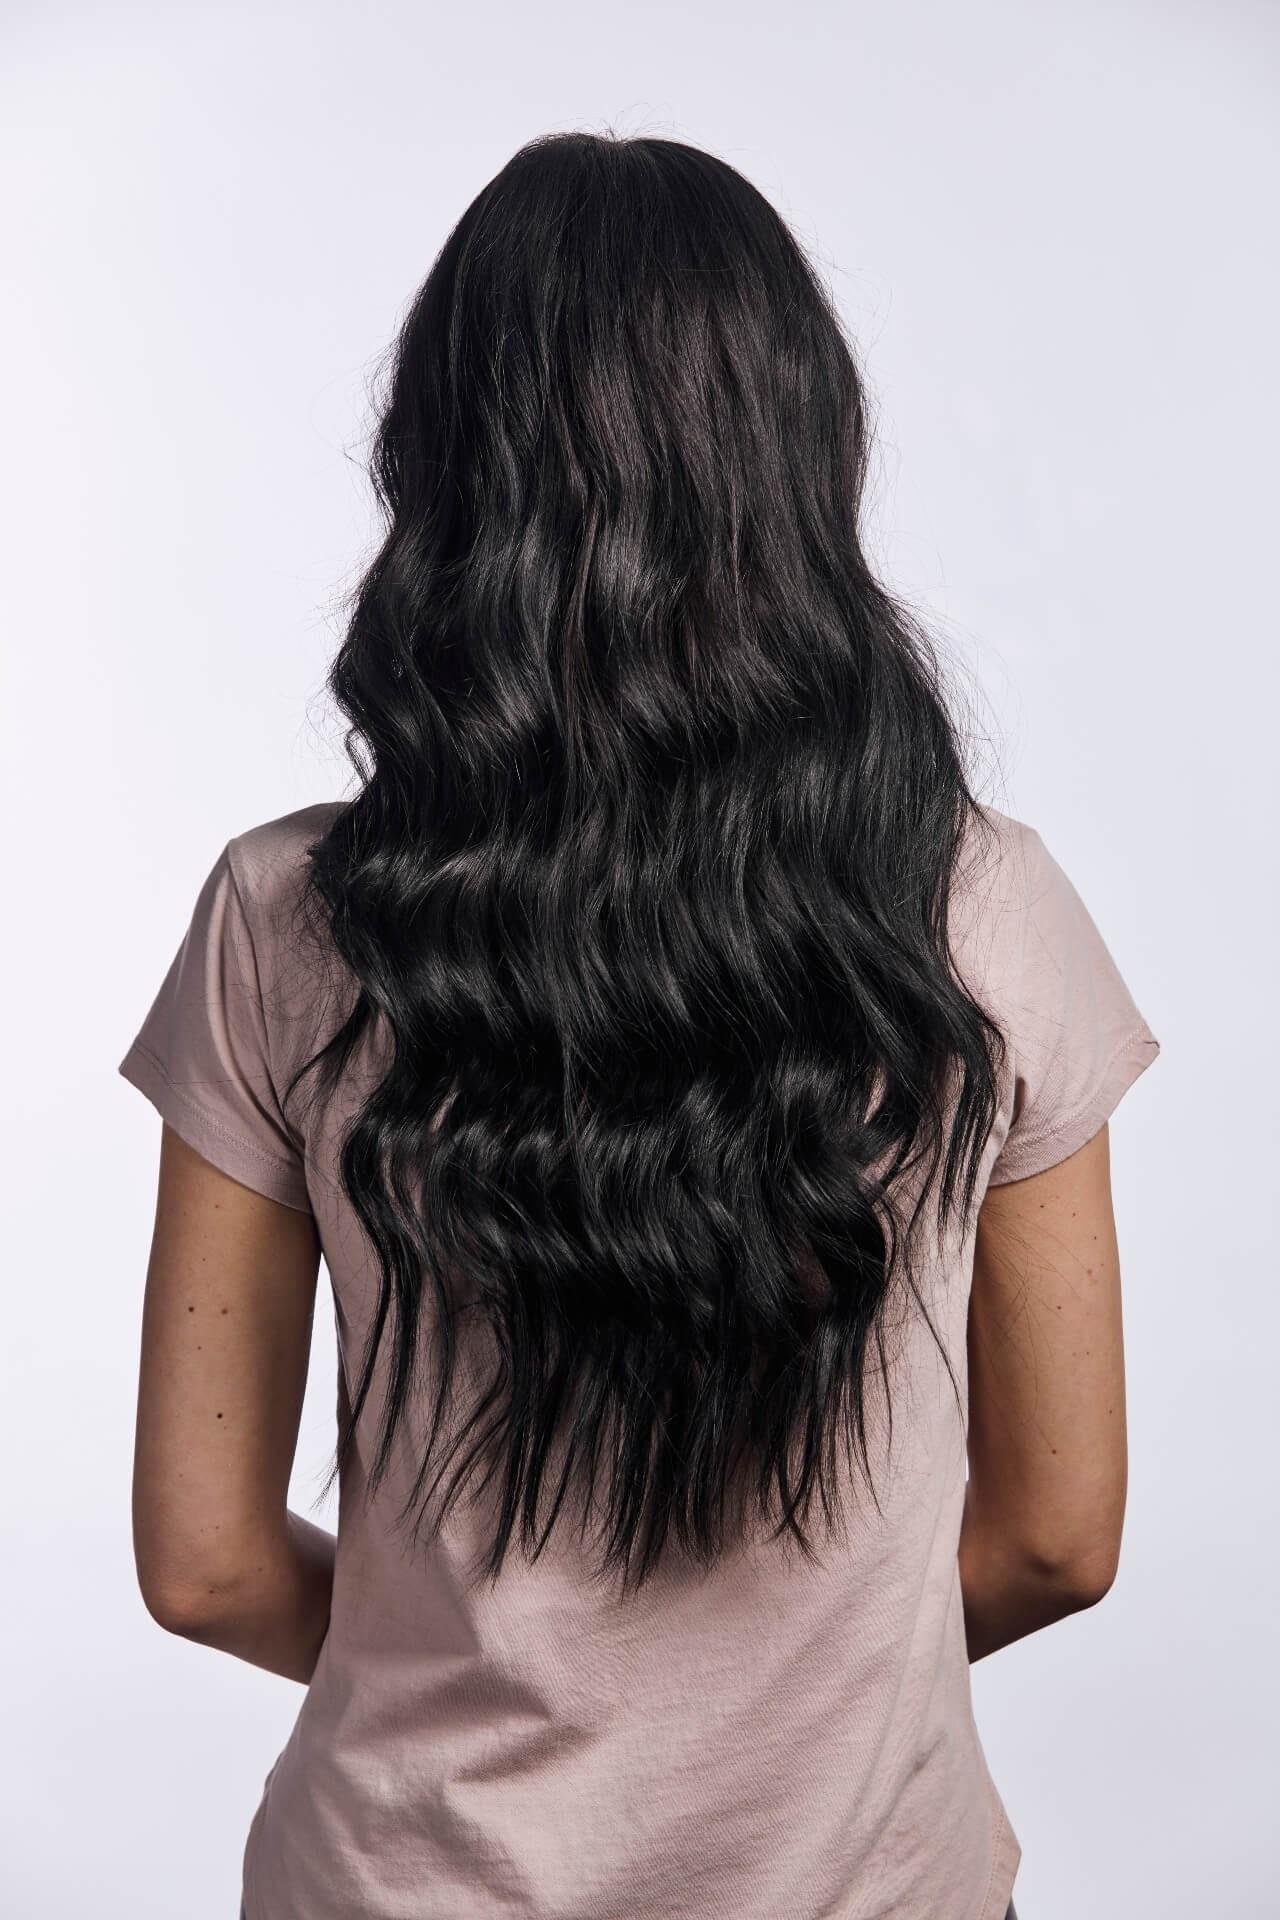 zdravé vlasy, dlhé tmavé vlasy, vlnité vlasy, triky ako na dlhé vlasy